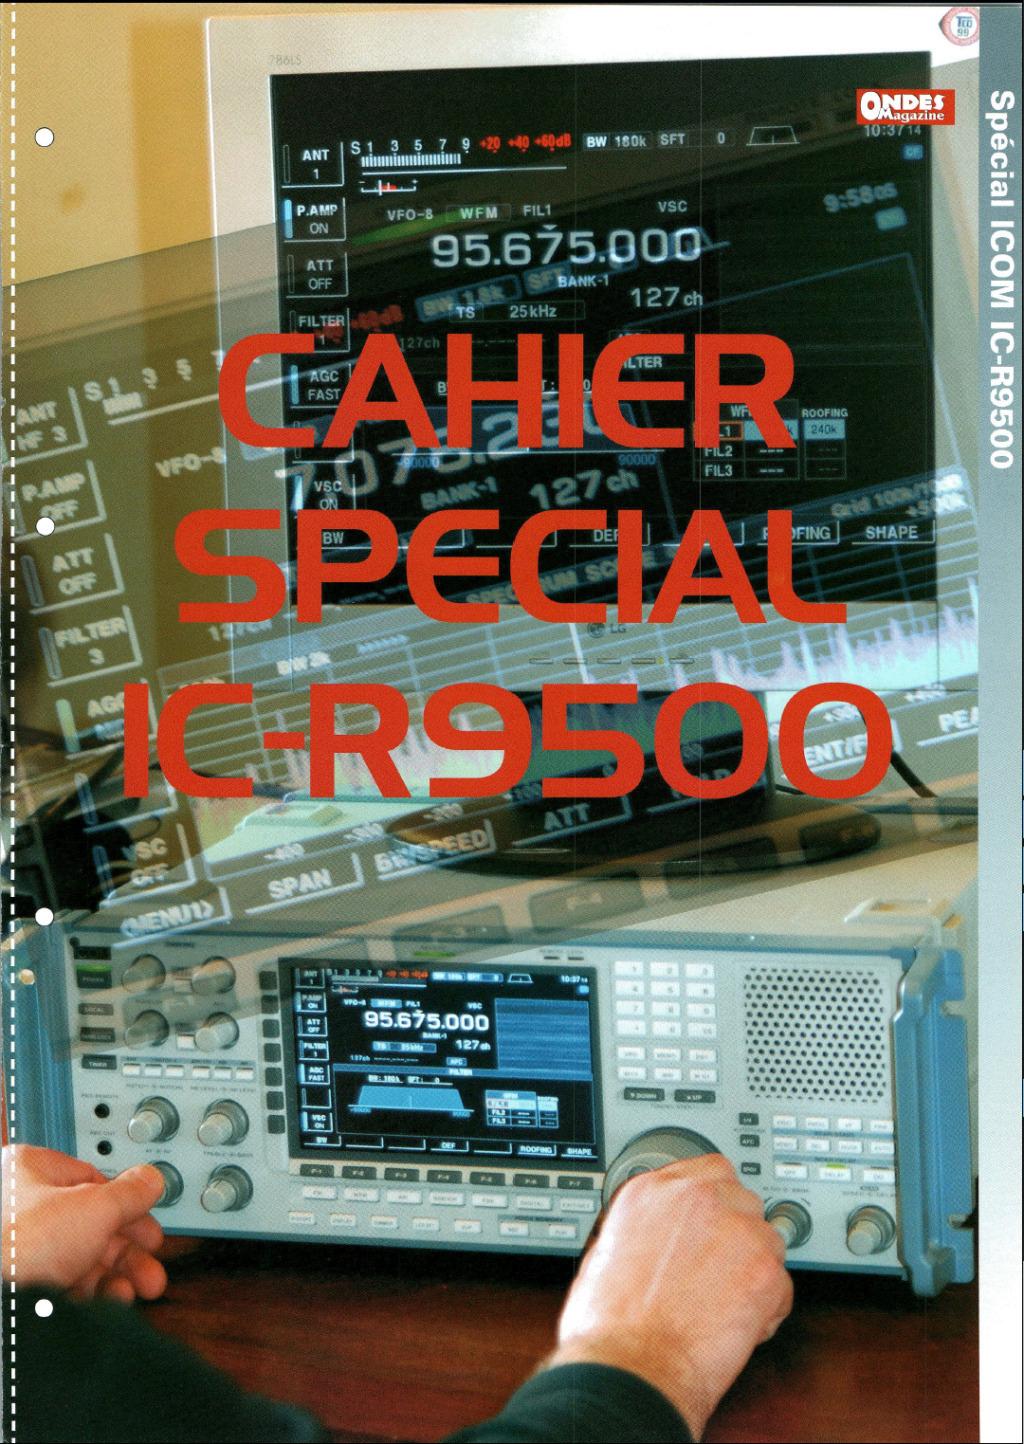 Icom IC-R9500-02 Captu148